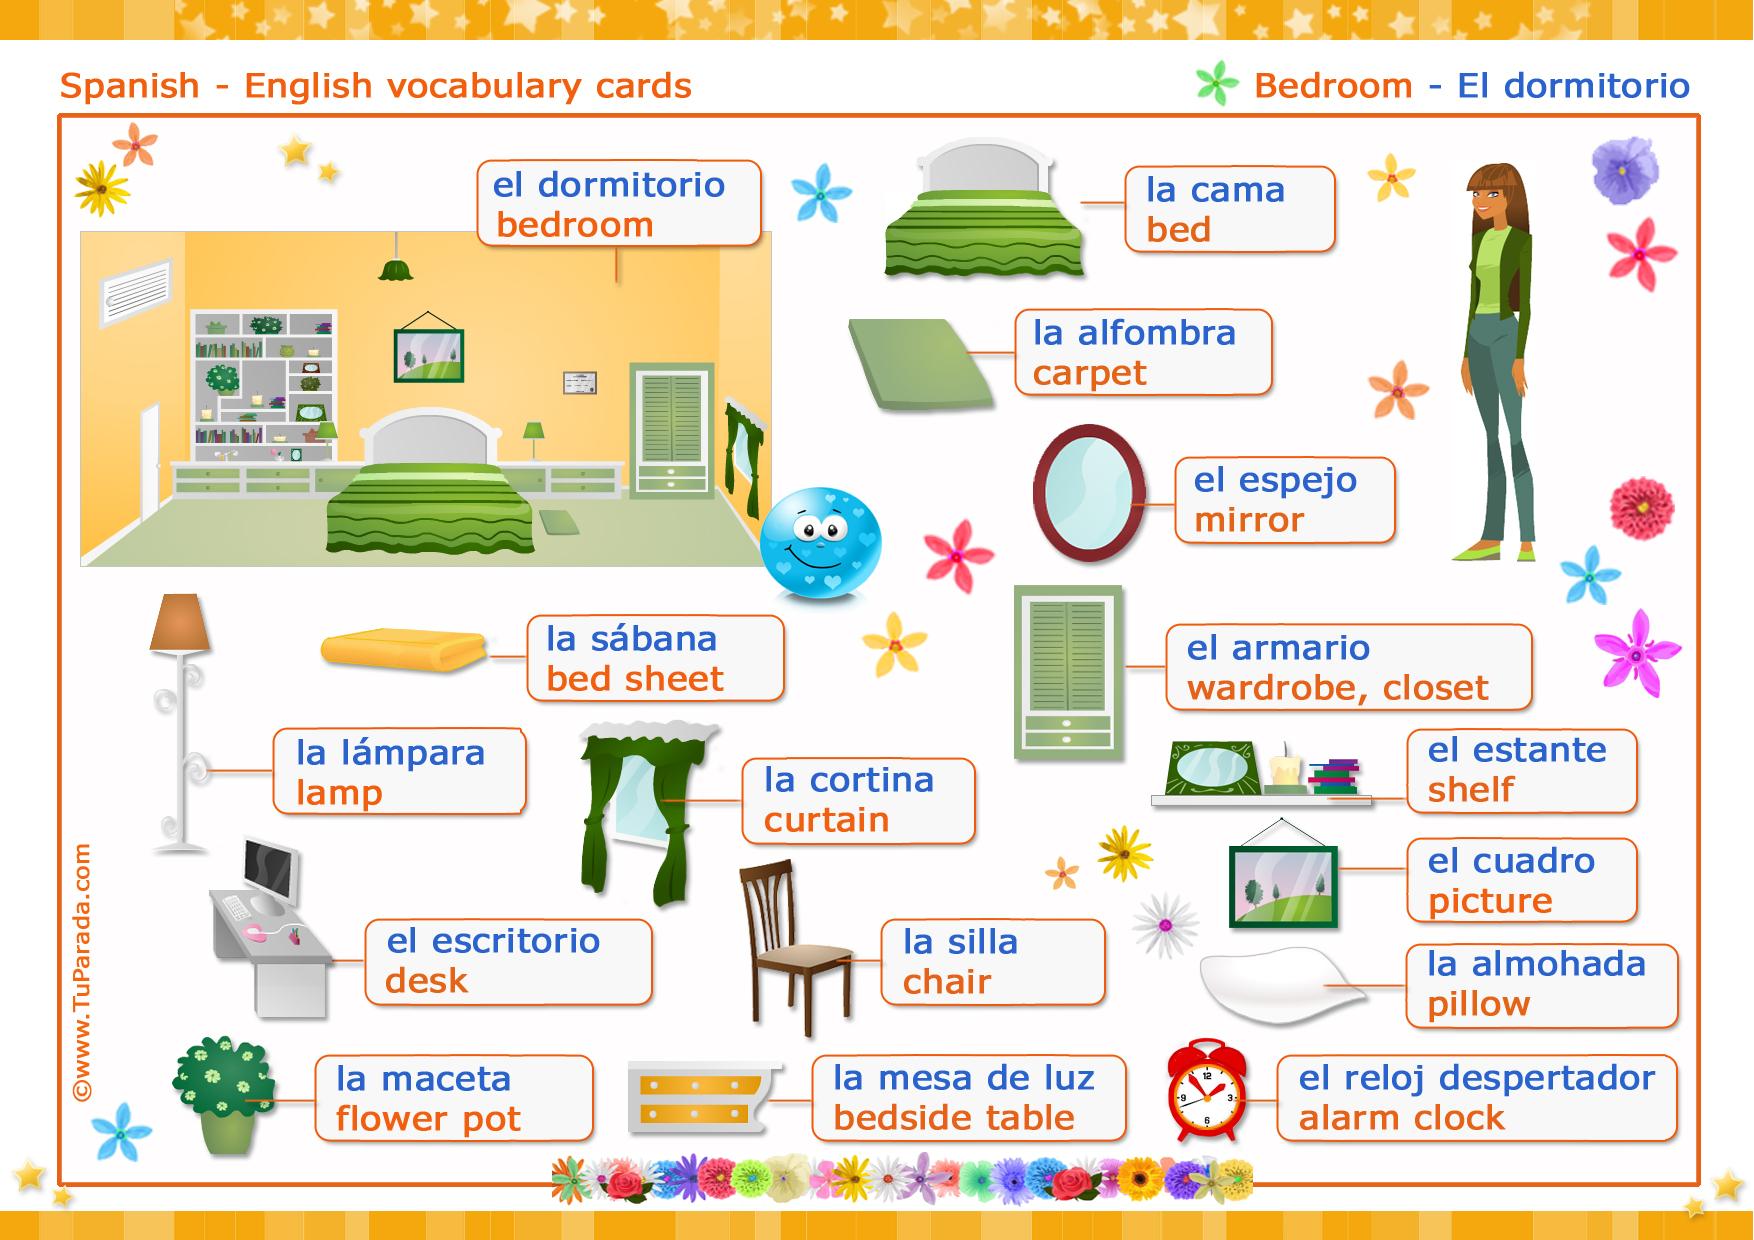 vocabulario espa ol ingl s el dormitorio the bedroom vocabulario espa ol ingl s tarjetas